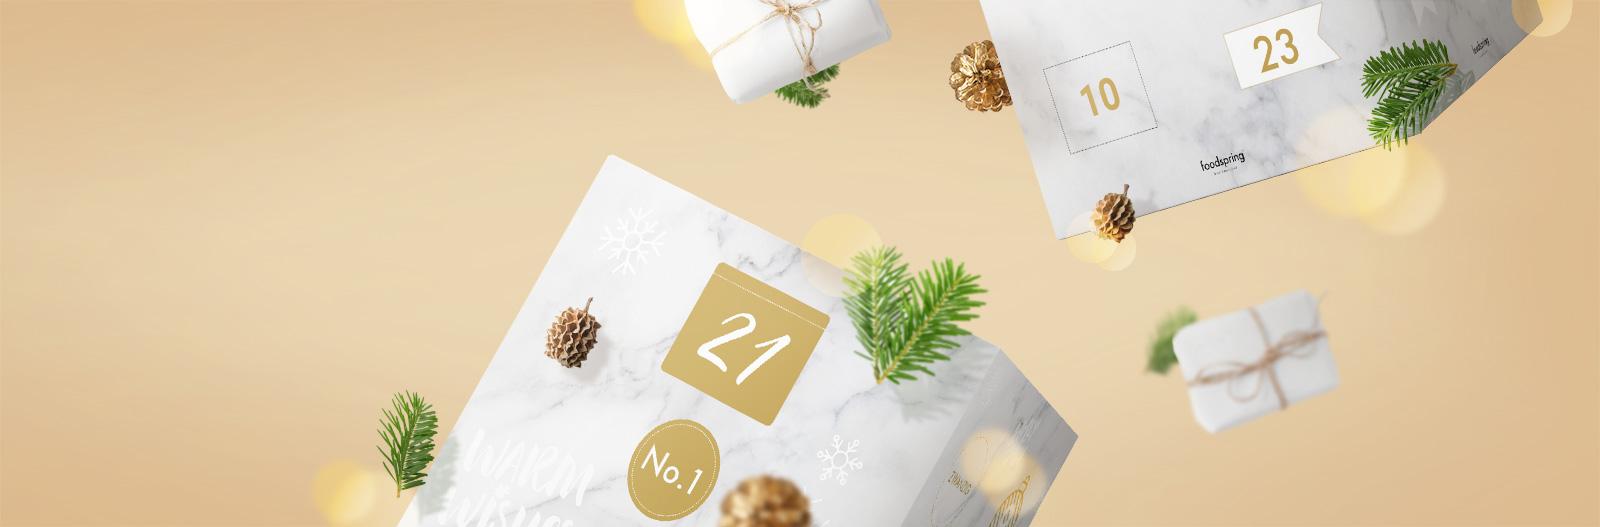 24x fit durchden Advent.